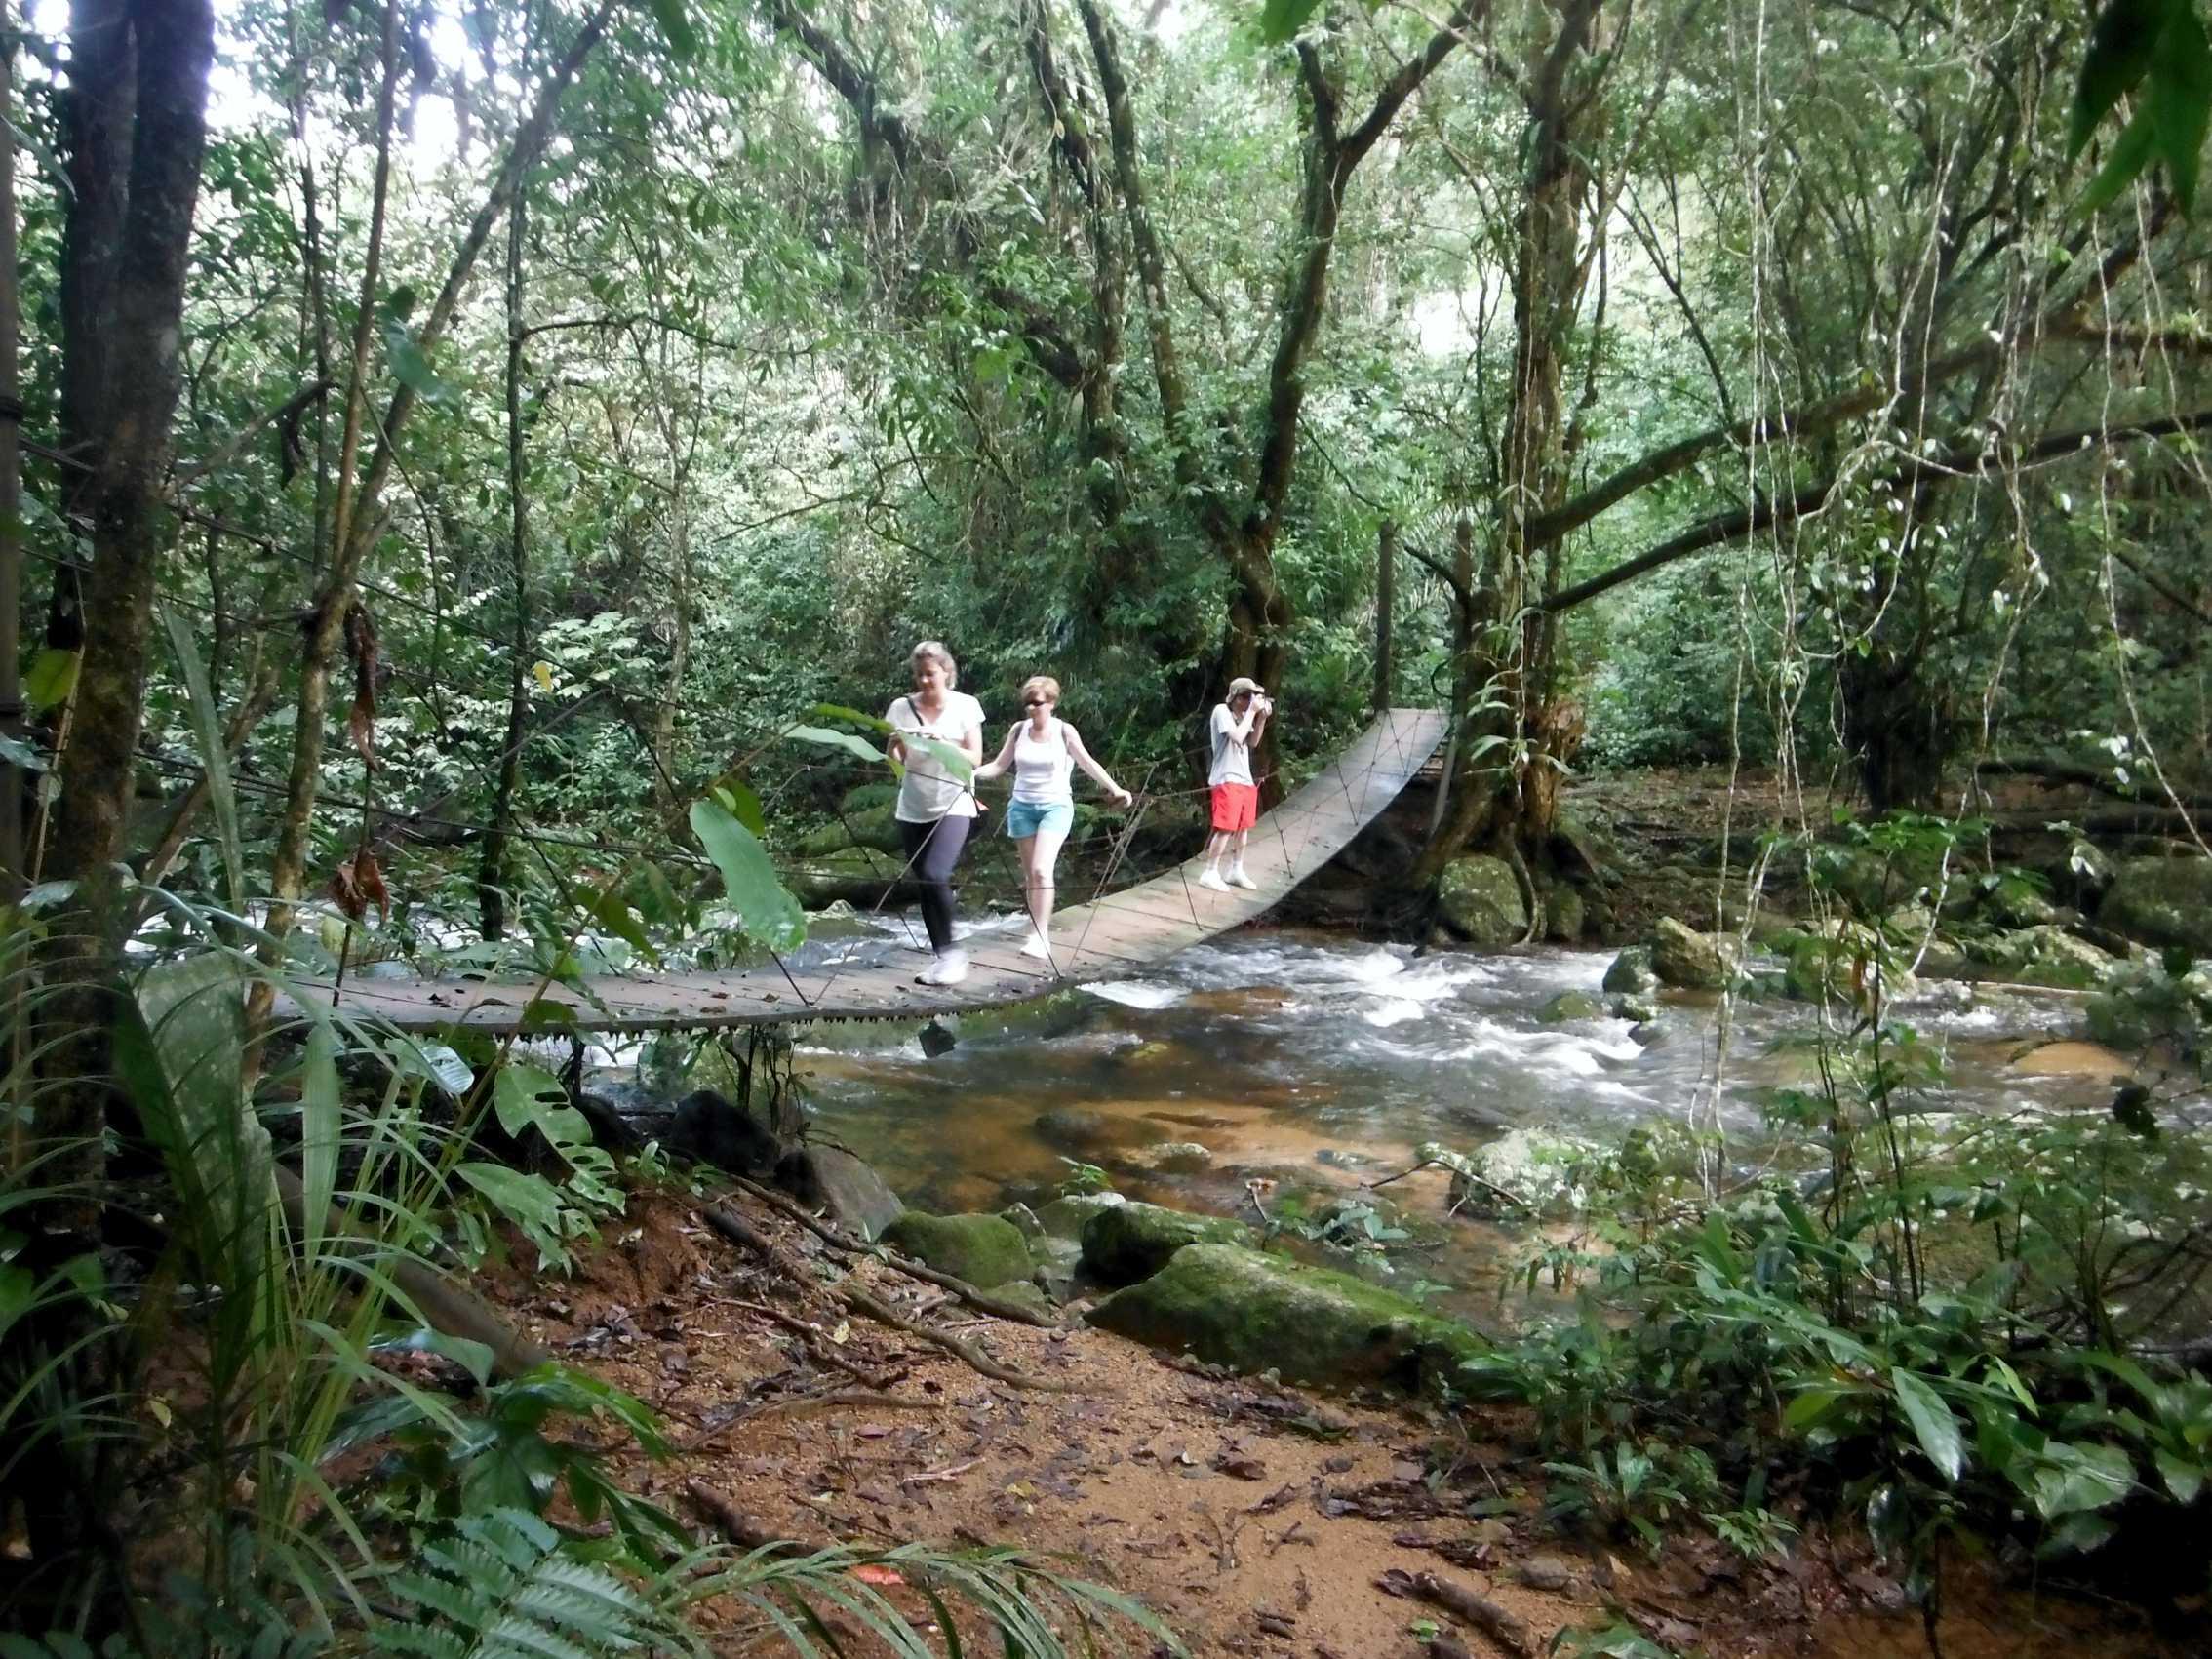 turismo em ilhabela ponte da cachoeira.jpg